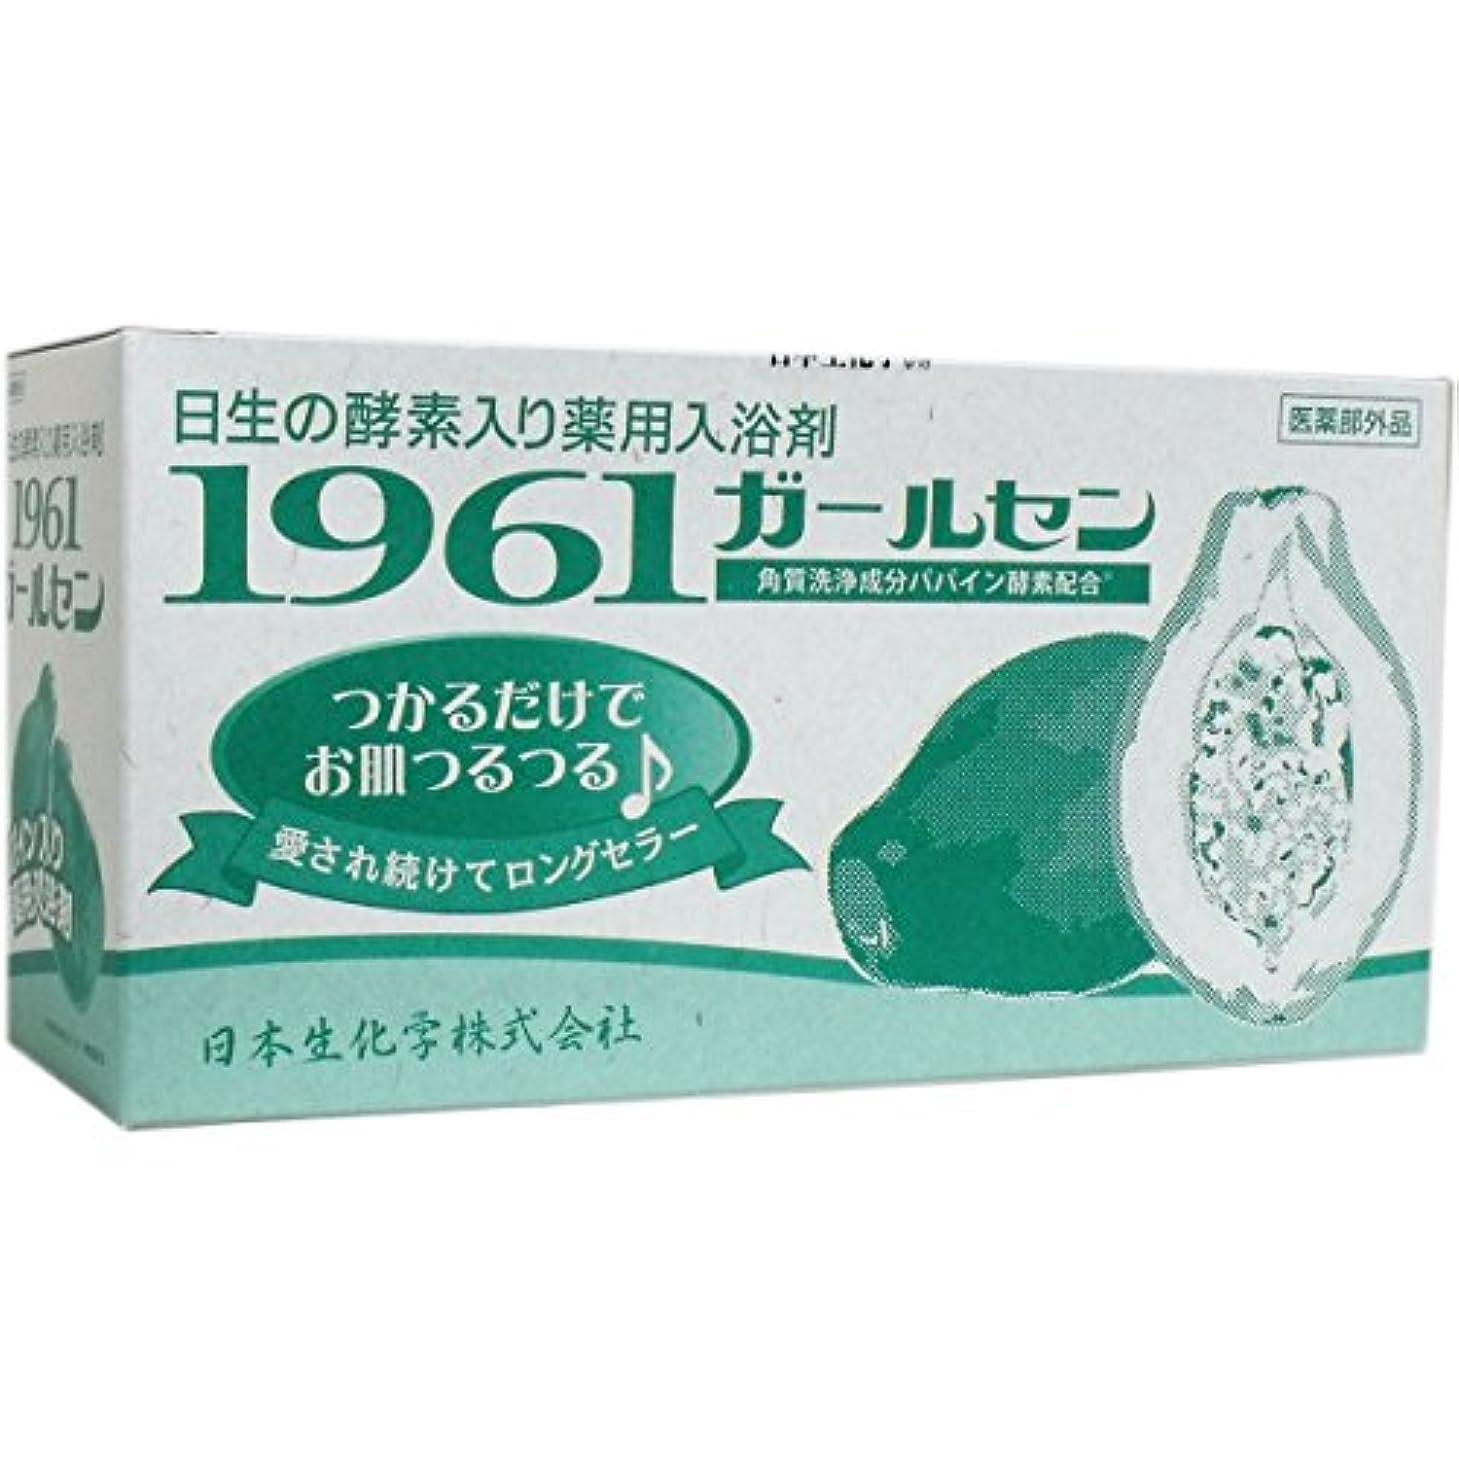 病んでいる欺く三日本生化学 酵素入り薬用入浴剤 1961ガールセン 30包入